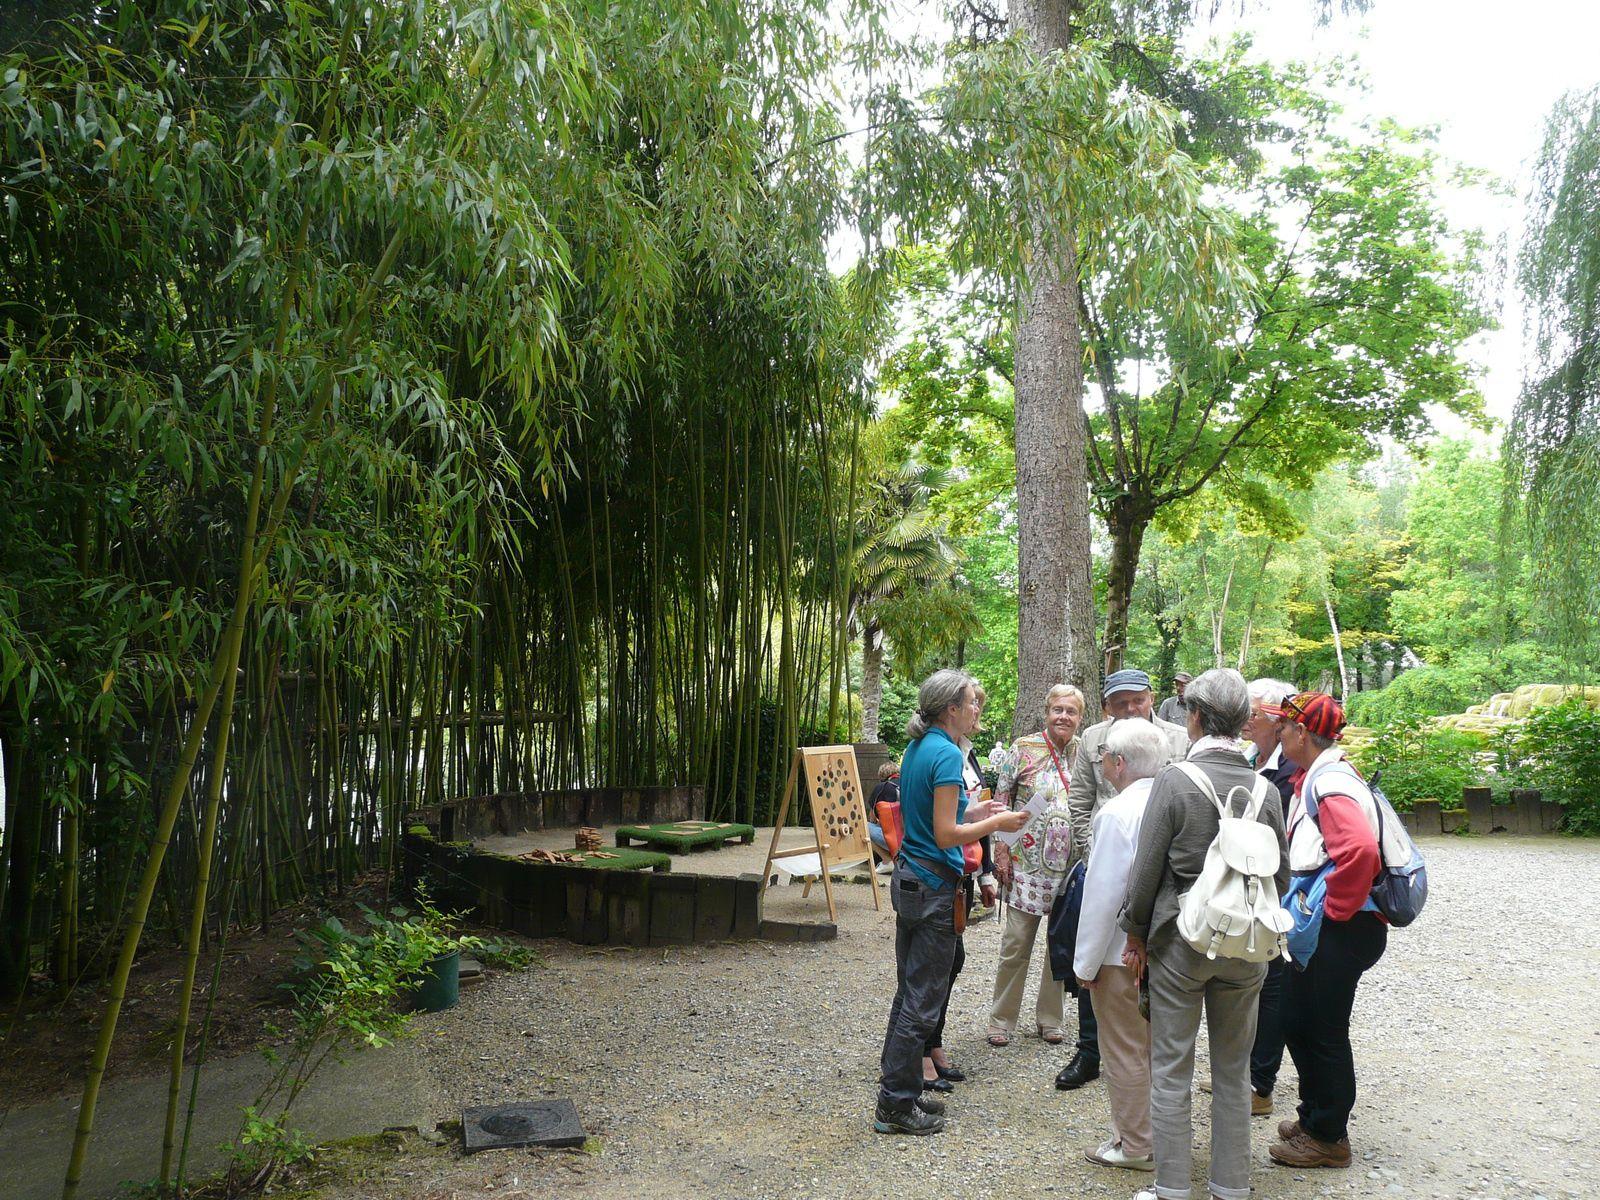 déambulation par des sentiers sinueux dans un décor de bassins, de cascades, de plantes, d'arbres et arbustes d'une très grande variété